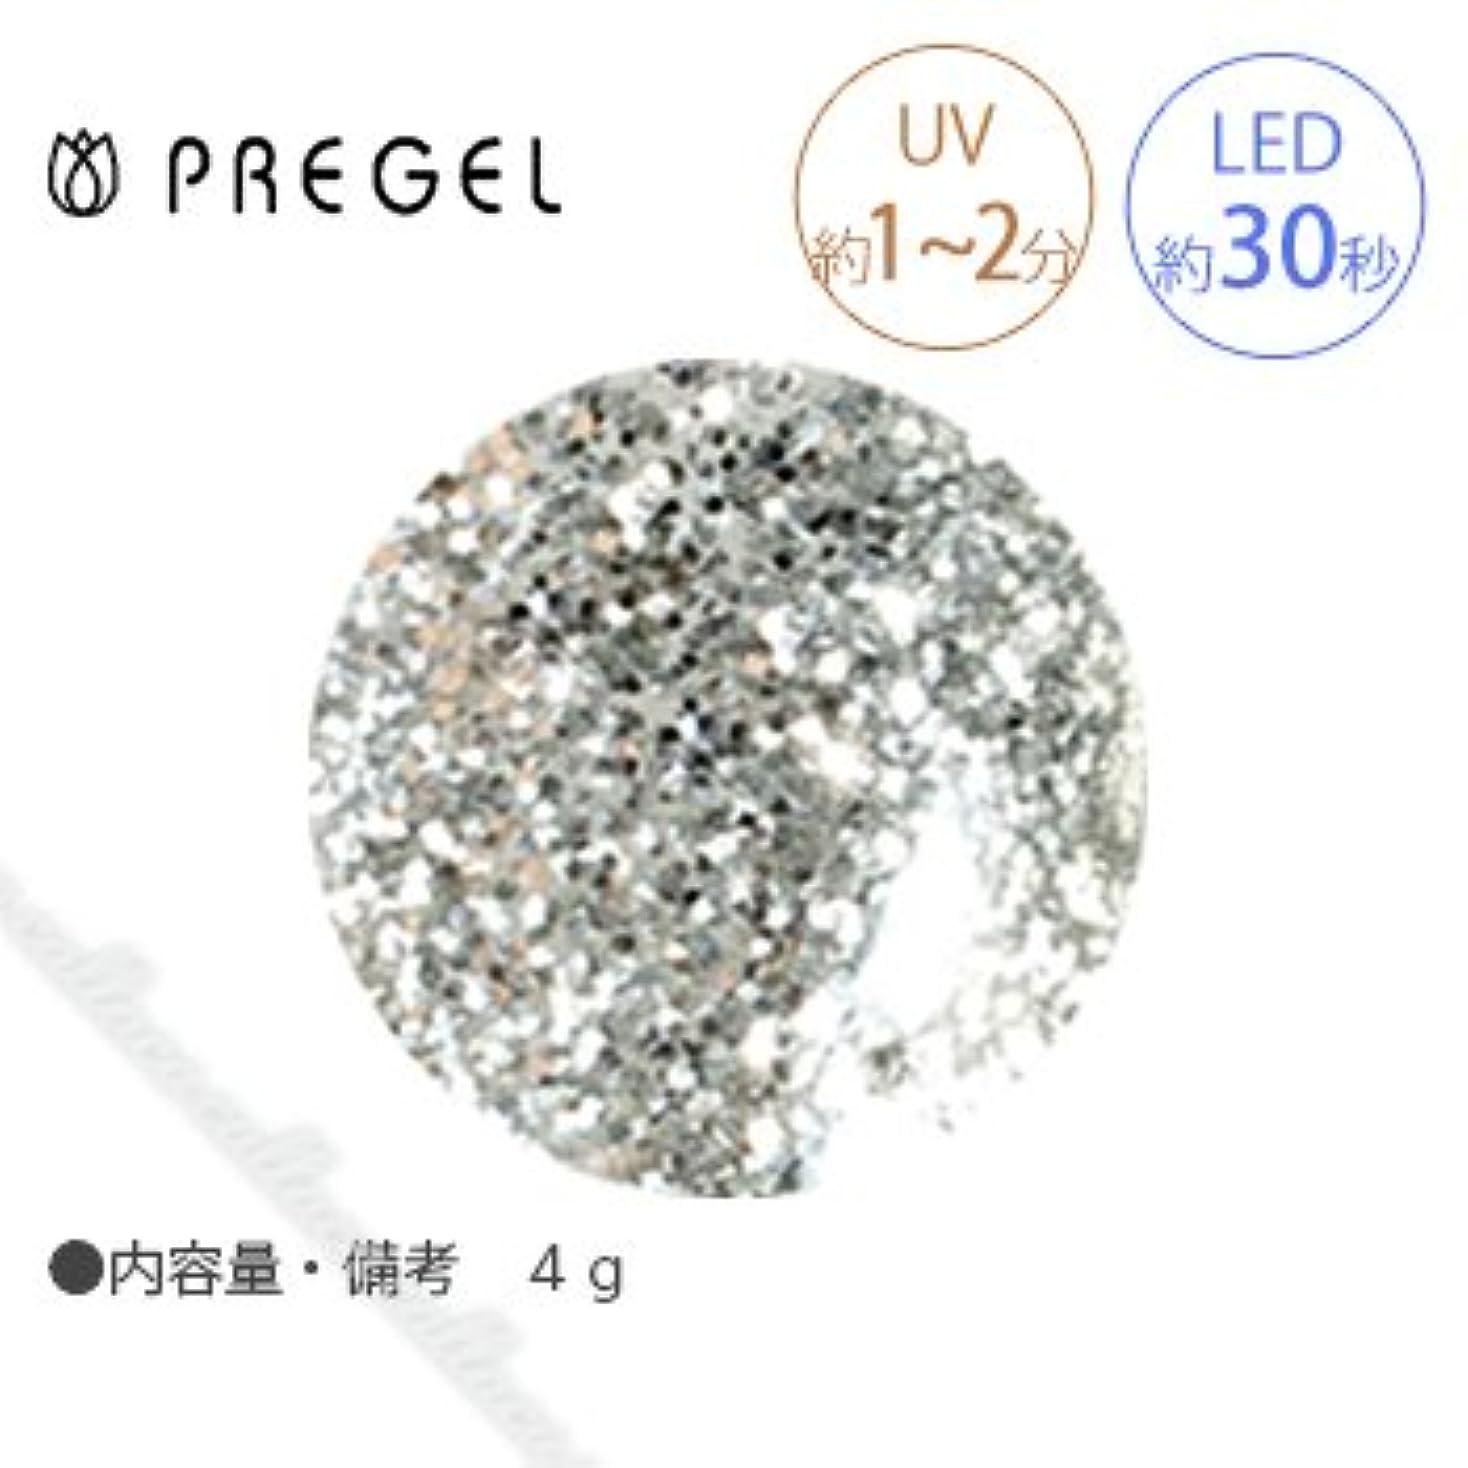 タクト土投票【PREGEL】 プリジェル カラーEX ダイヤモンドシリーズ ダイヤモンドシルバー PG-CE400 4g